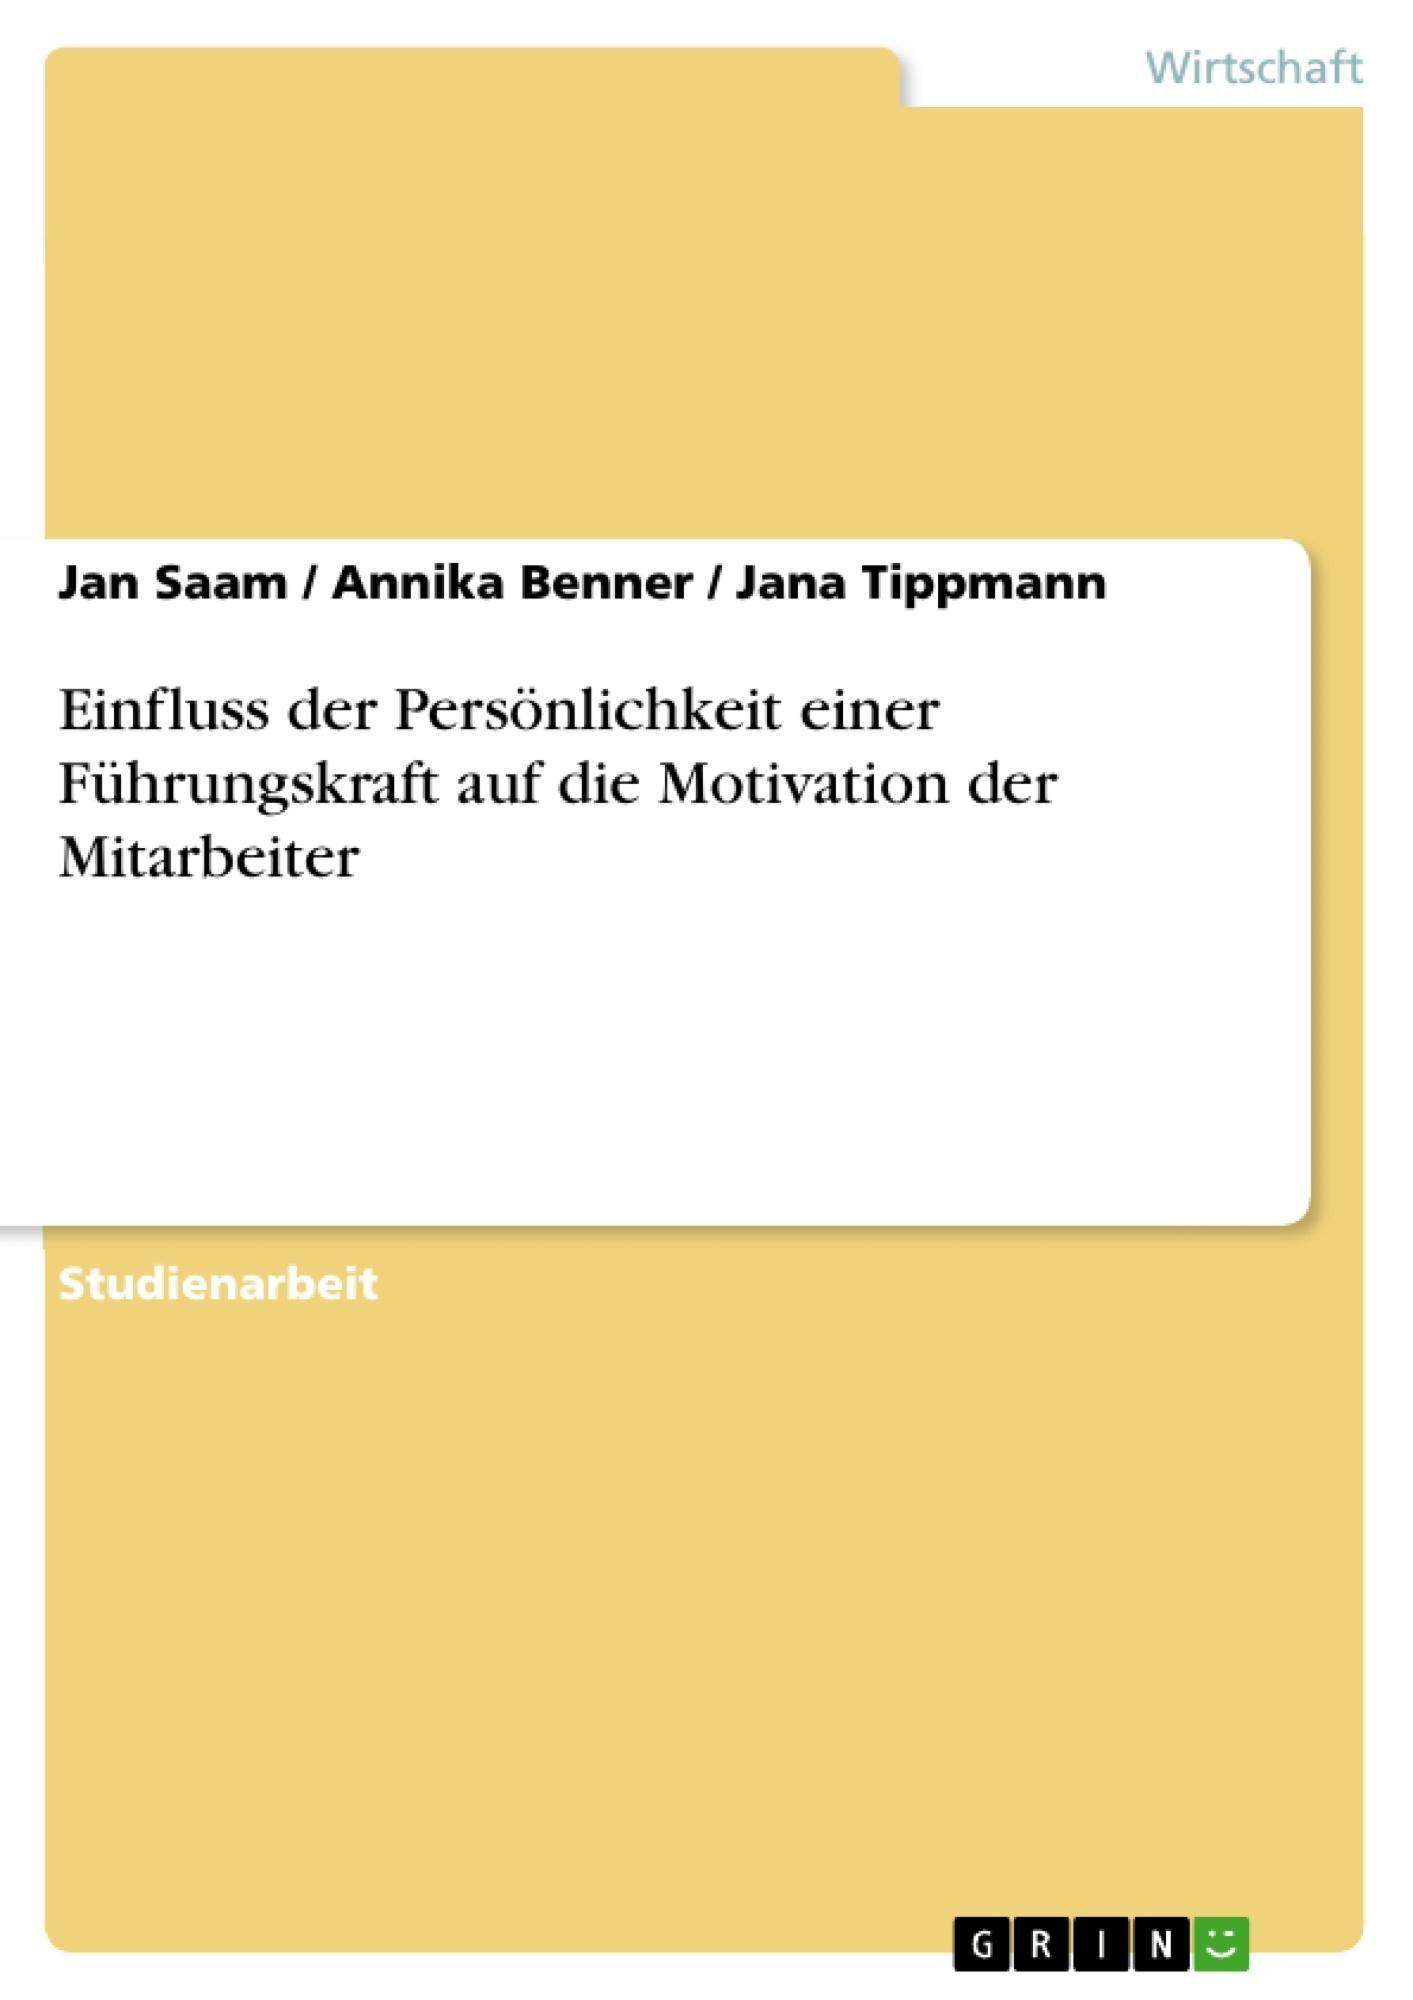 Titel: Einfluss der Persönlichkeit einer Führungskraft auf die Motivation der Mitarbeiter